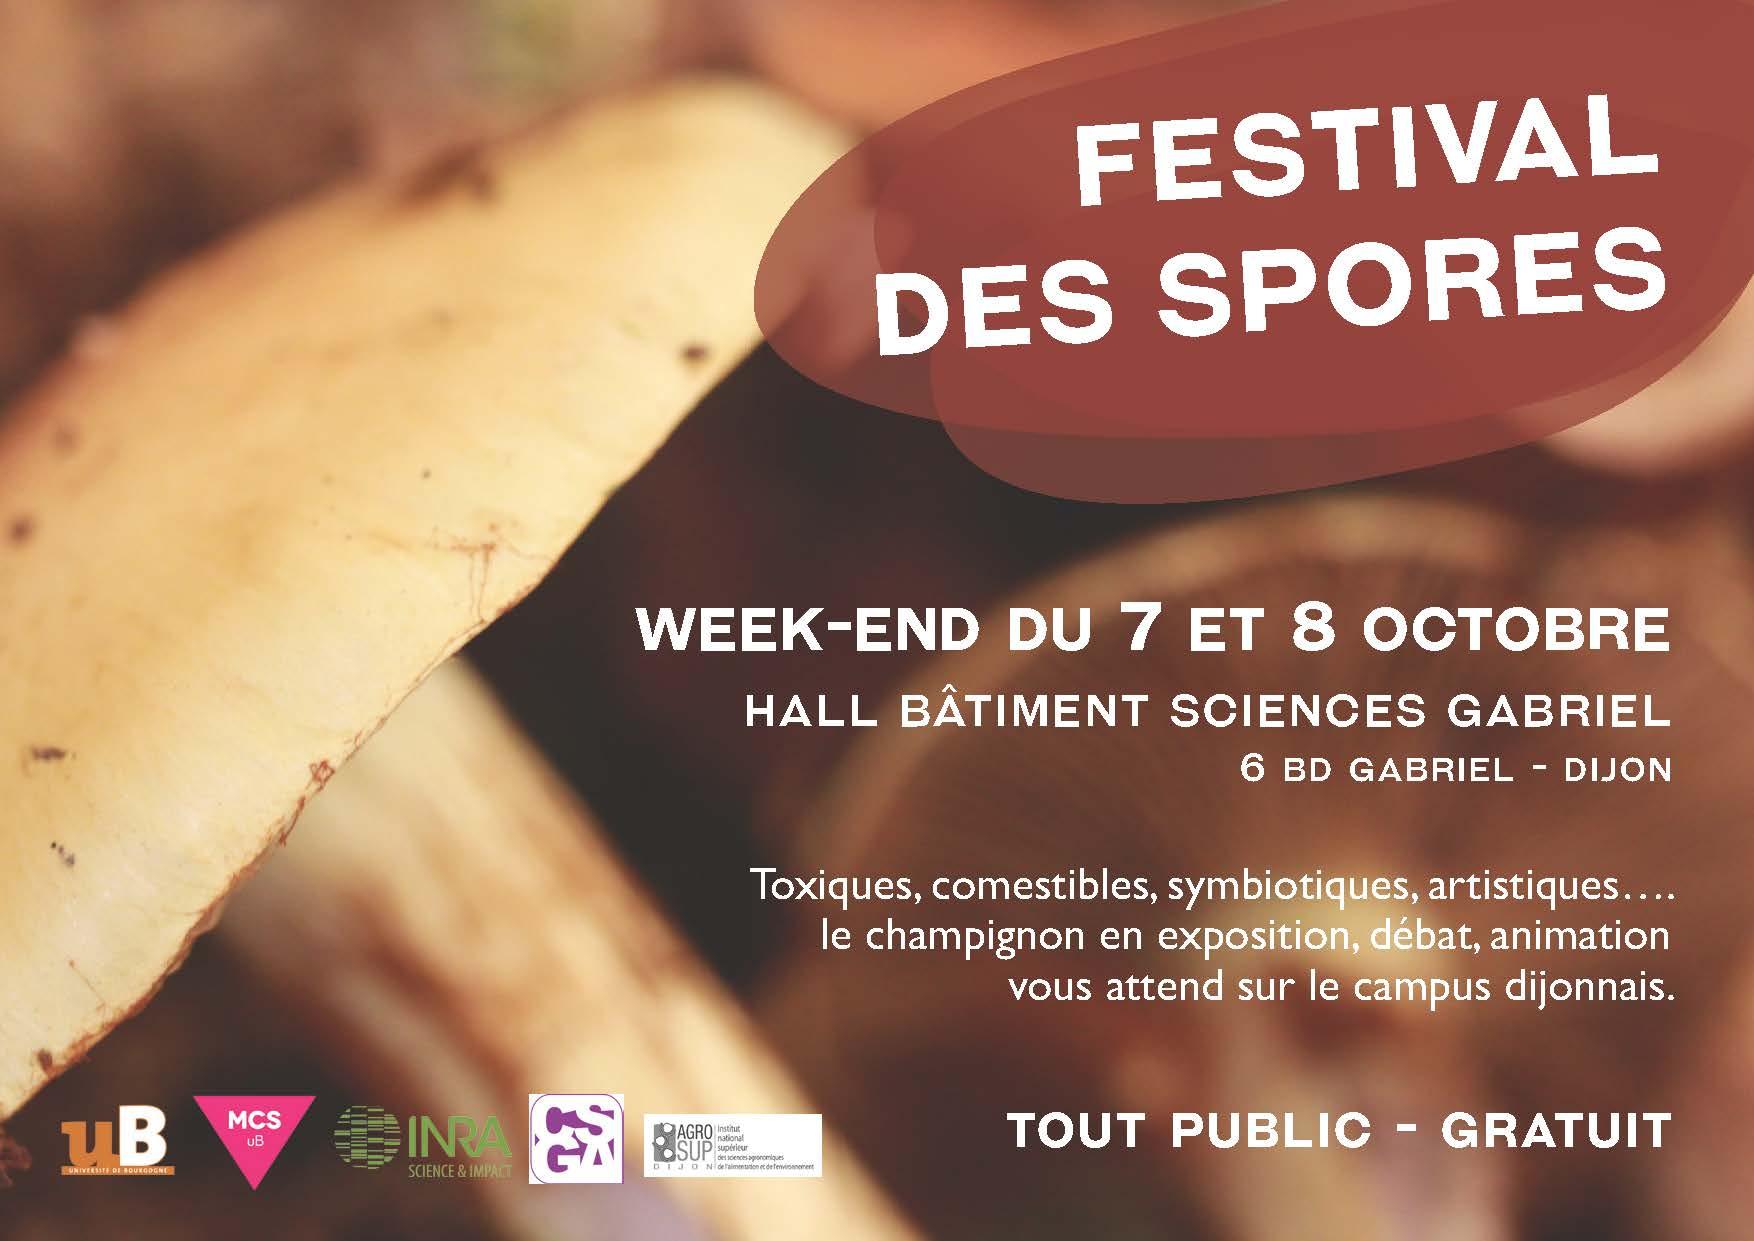 Festival des Spores Page 1